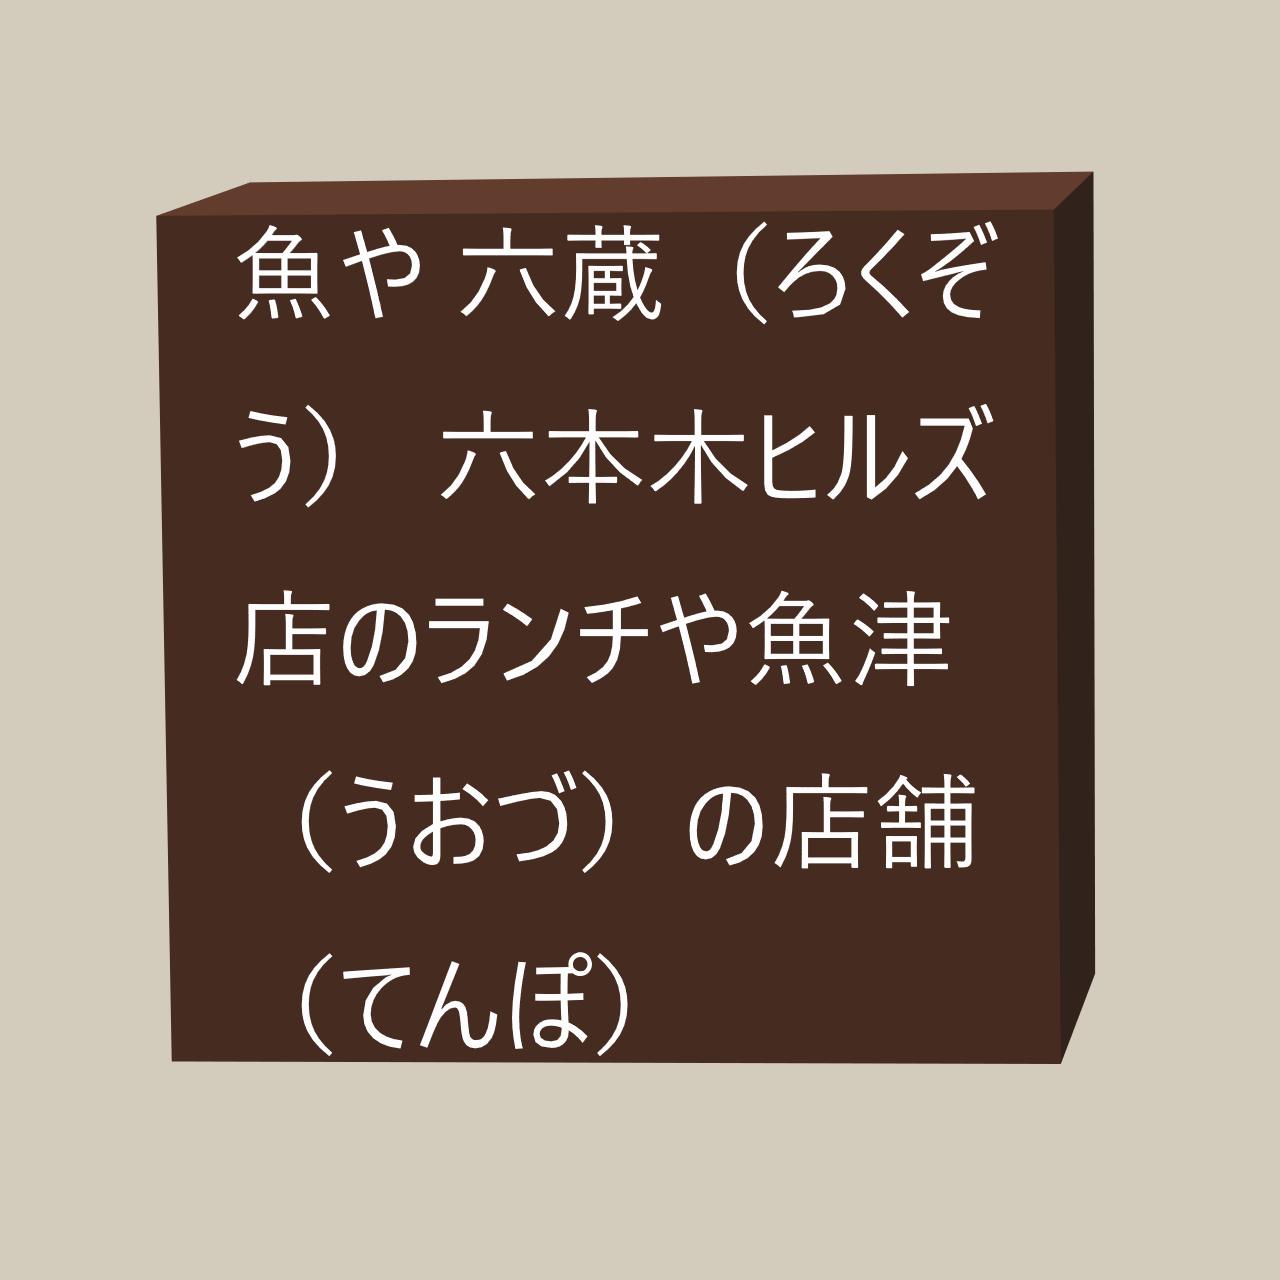 魚や 六蔵(ろくぞう)の六本木ヒルズ店のランチや魚津(うおづ)の店舗(てんぽ)とは?にかかる画像(がぞう)